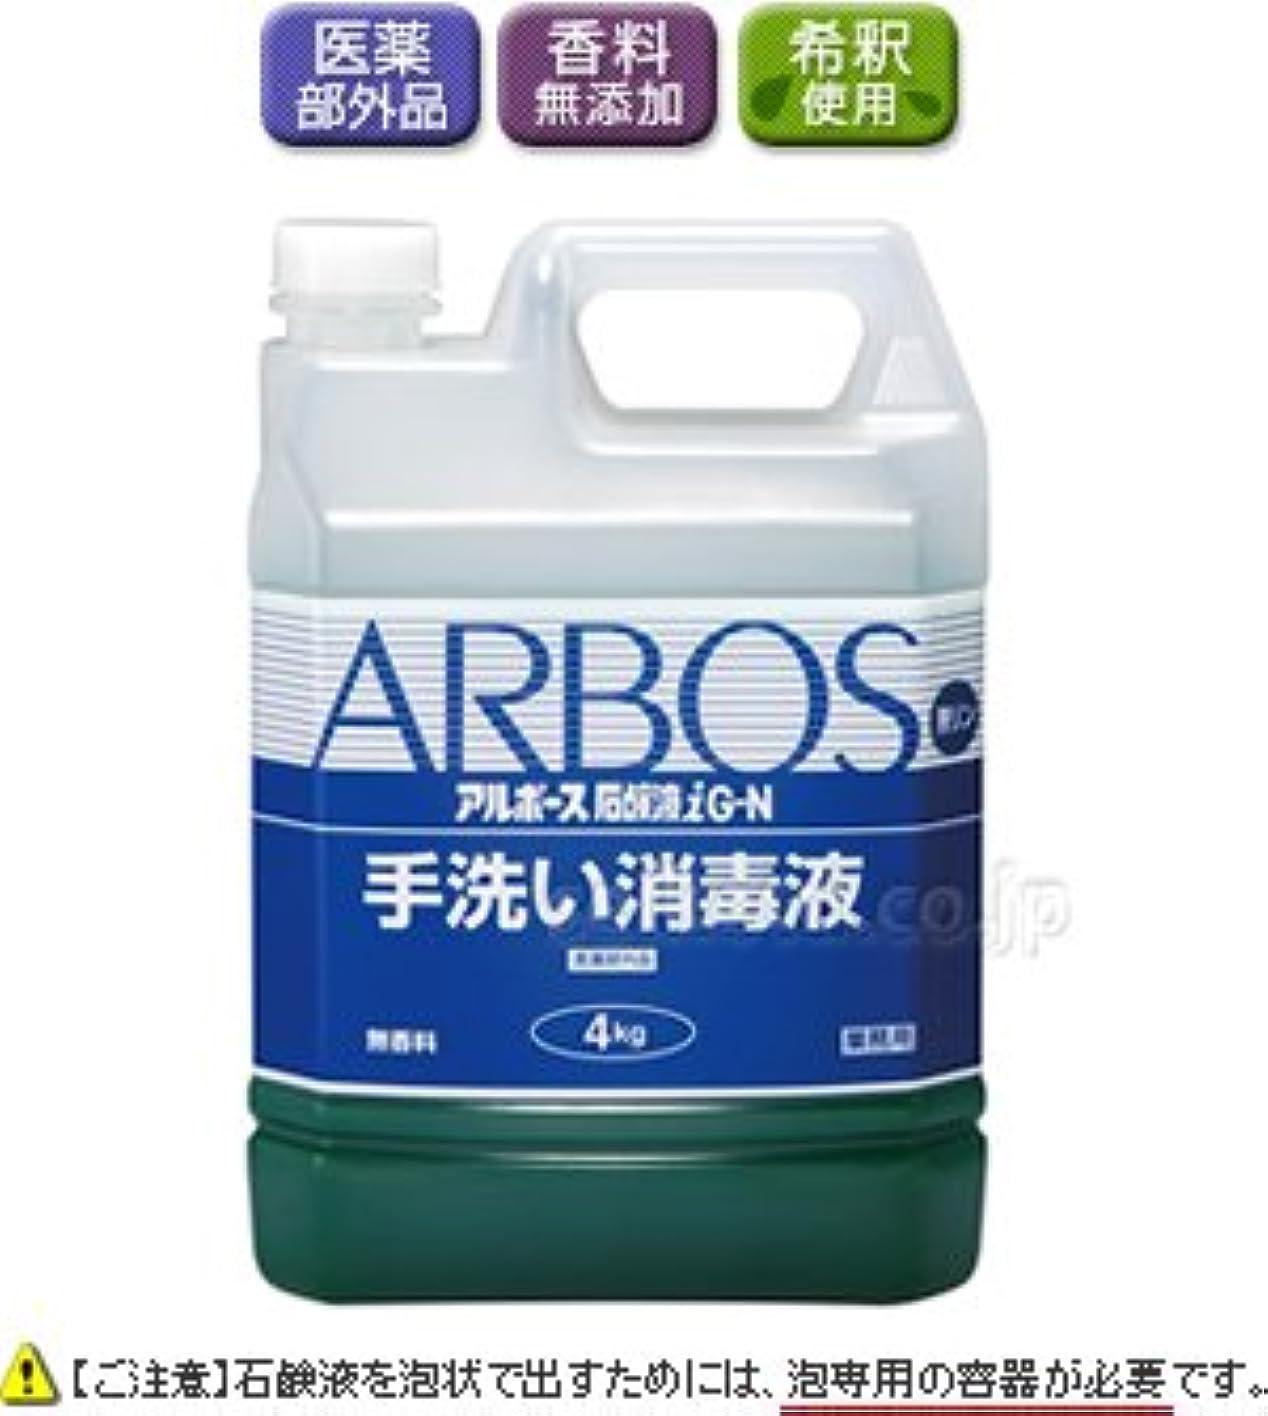 流星バンジージャンプ幽霊【清潔キレイ館】アルボース石鹸液iG-N(4kg×1本)